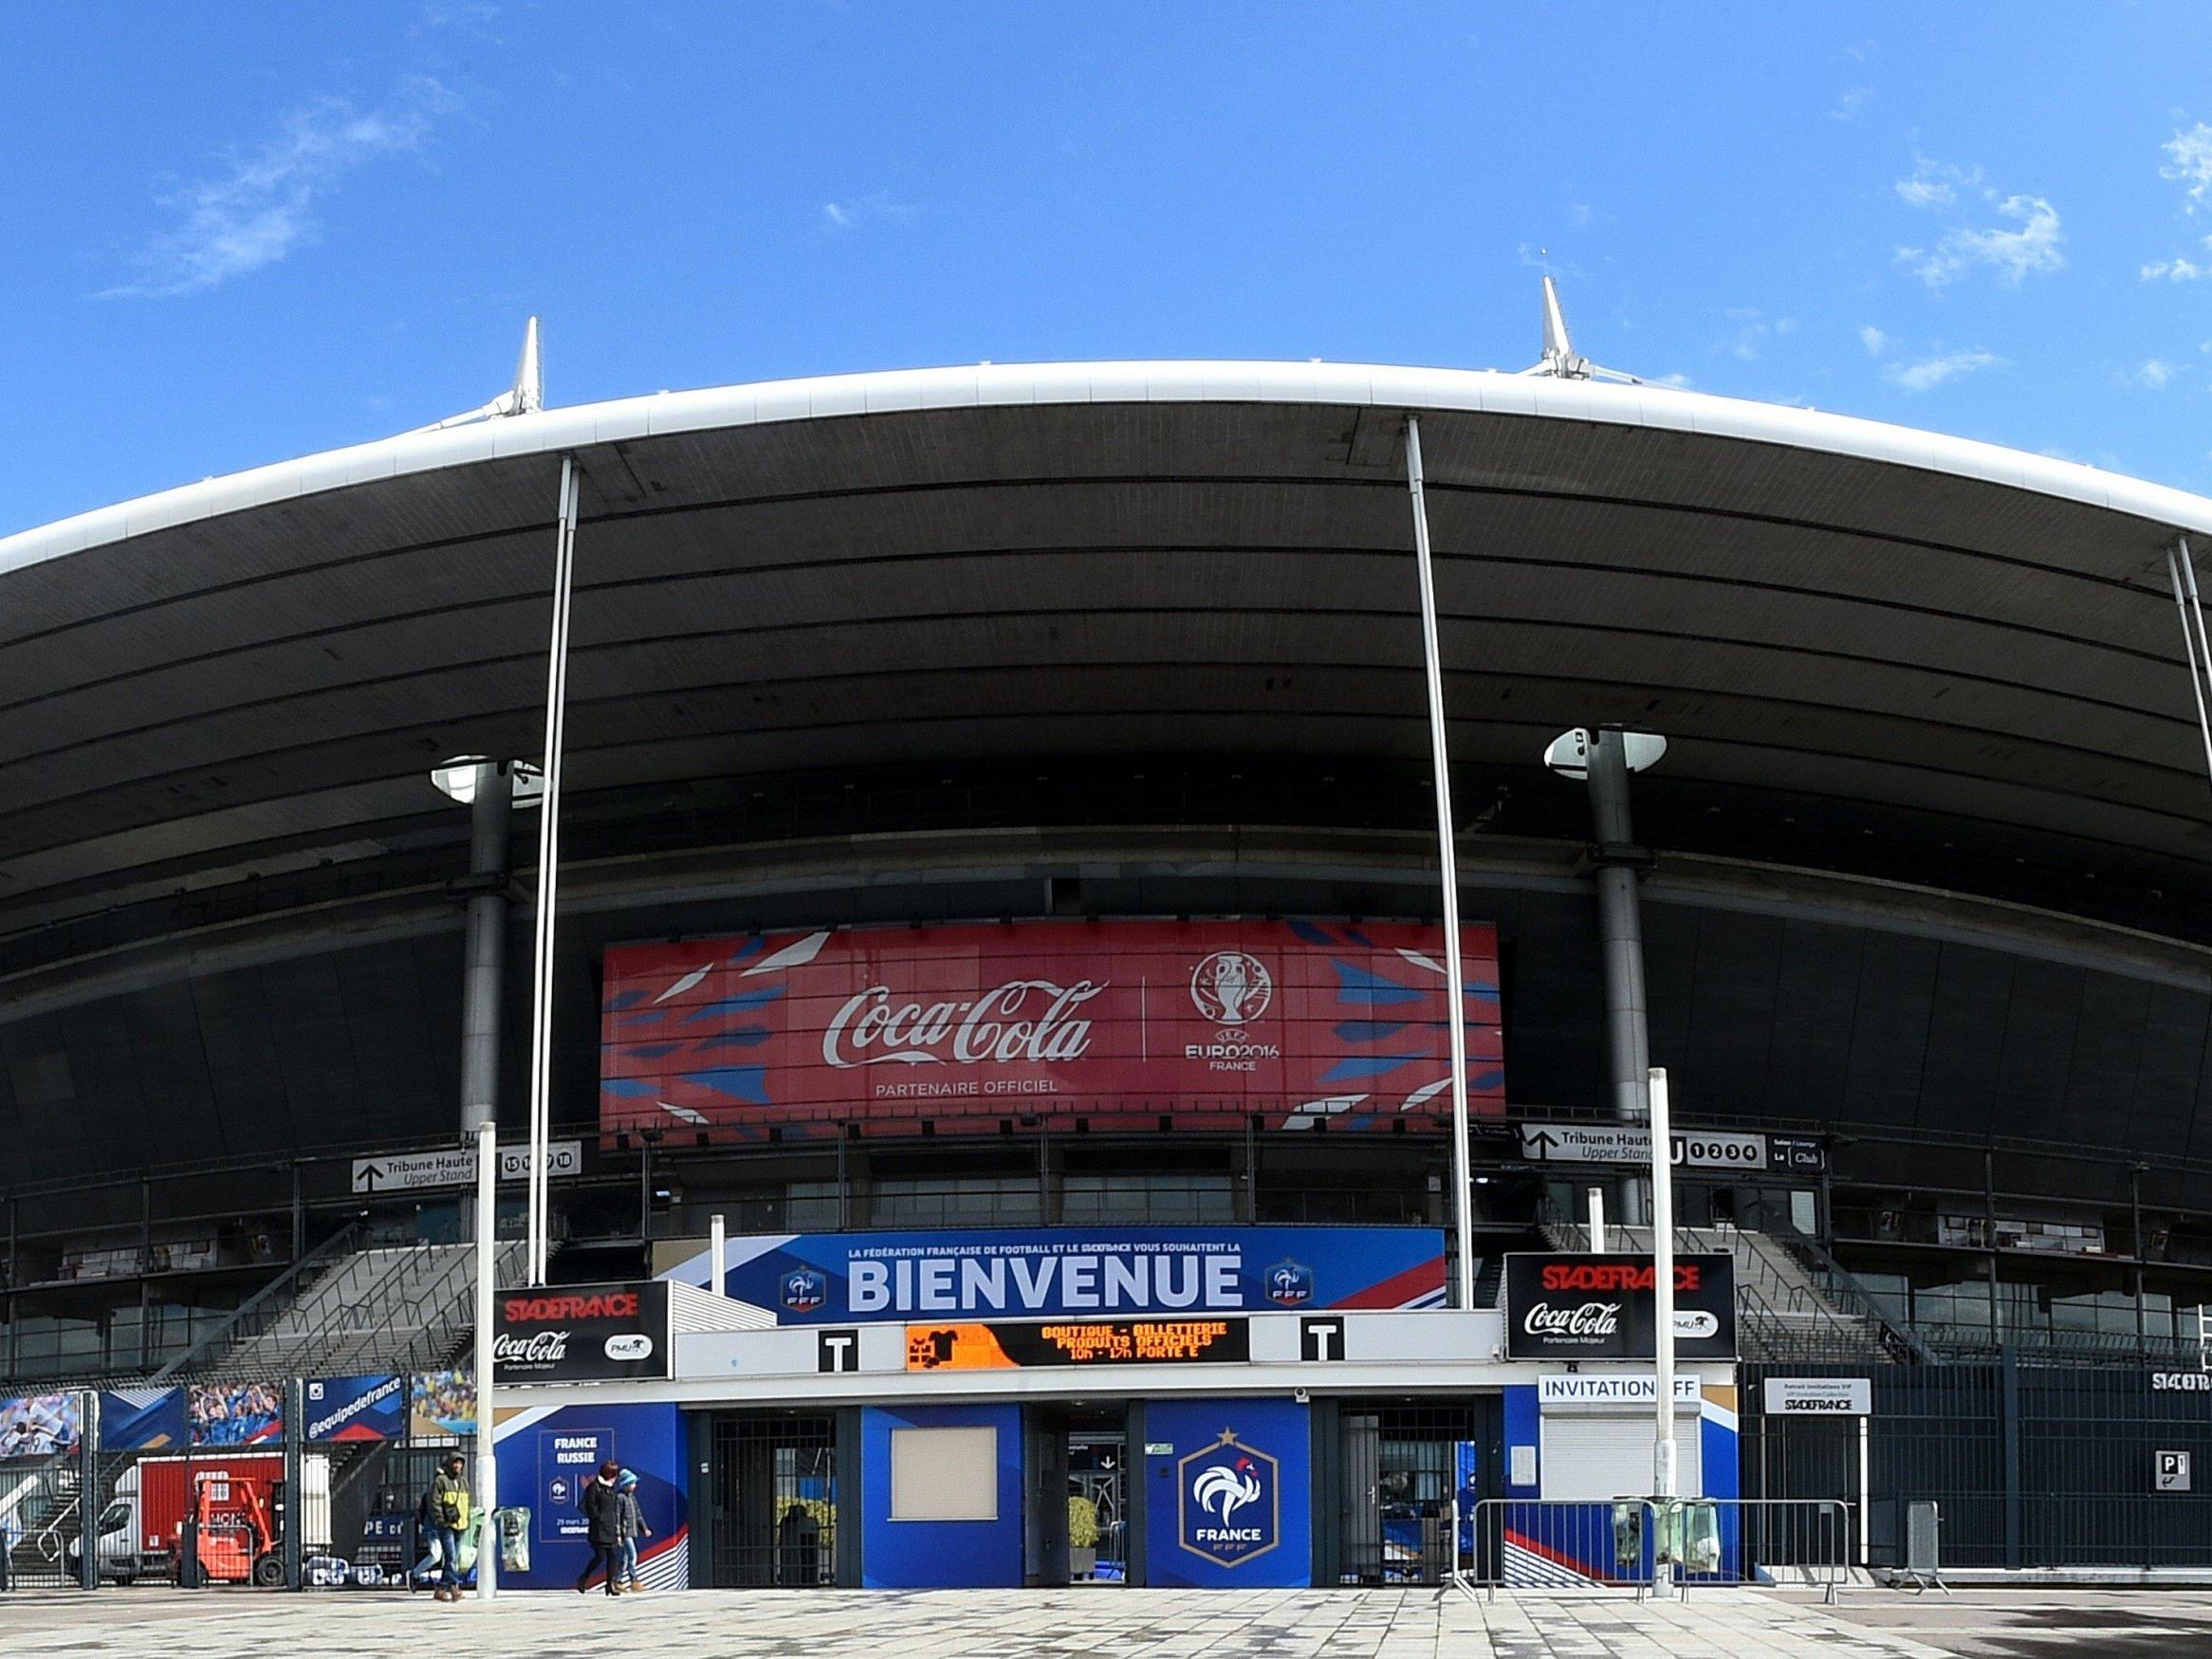 Das Stade de France in Saint-Denis, nördlich von Paris.